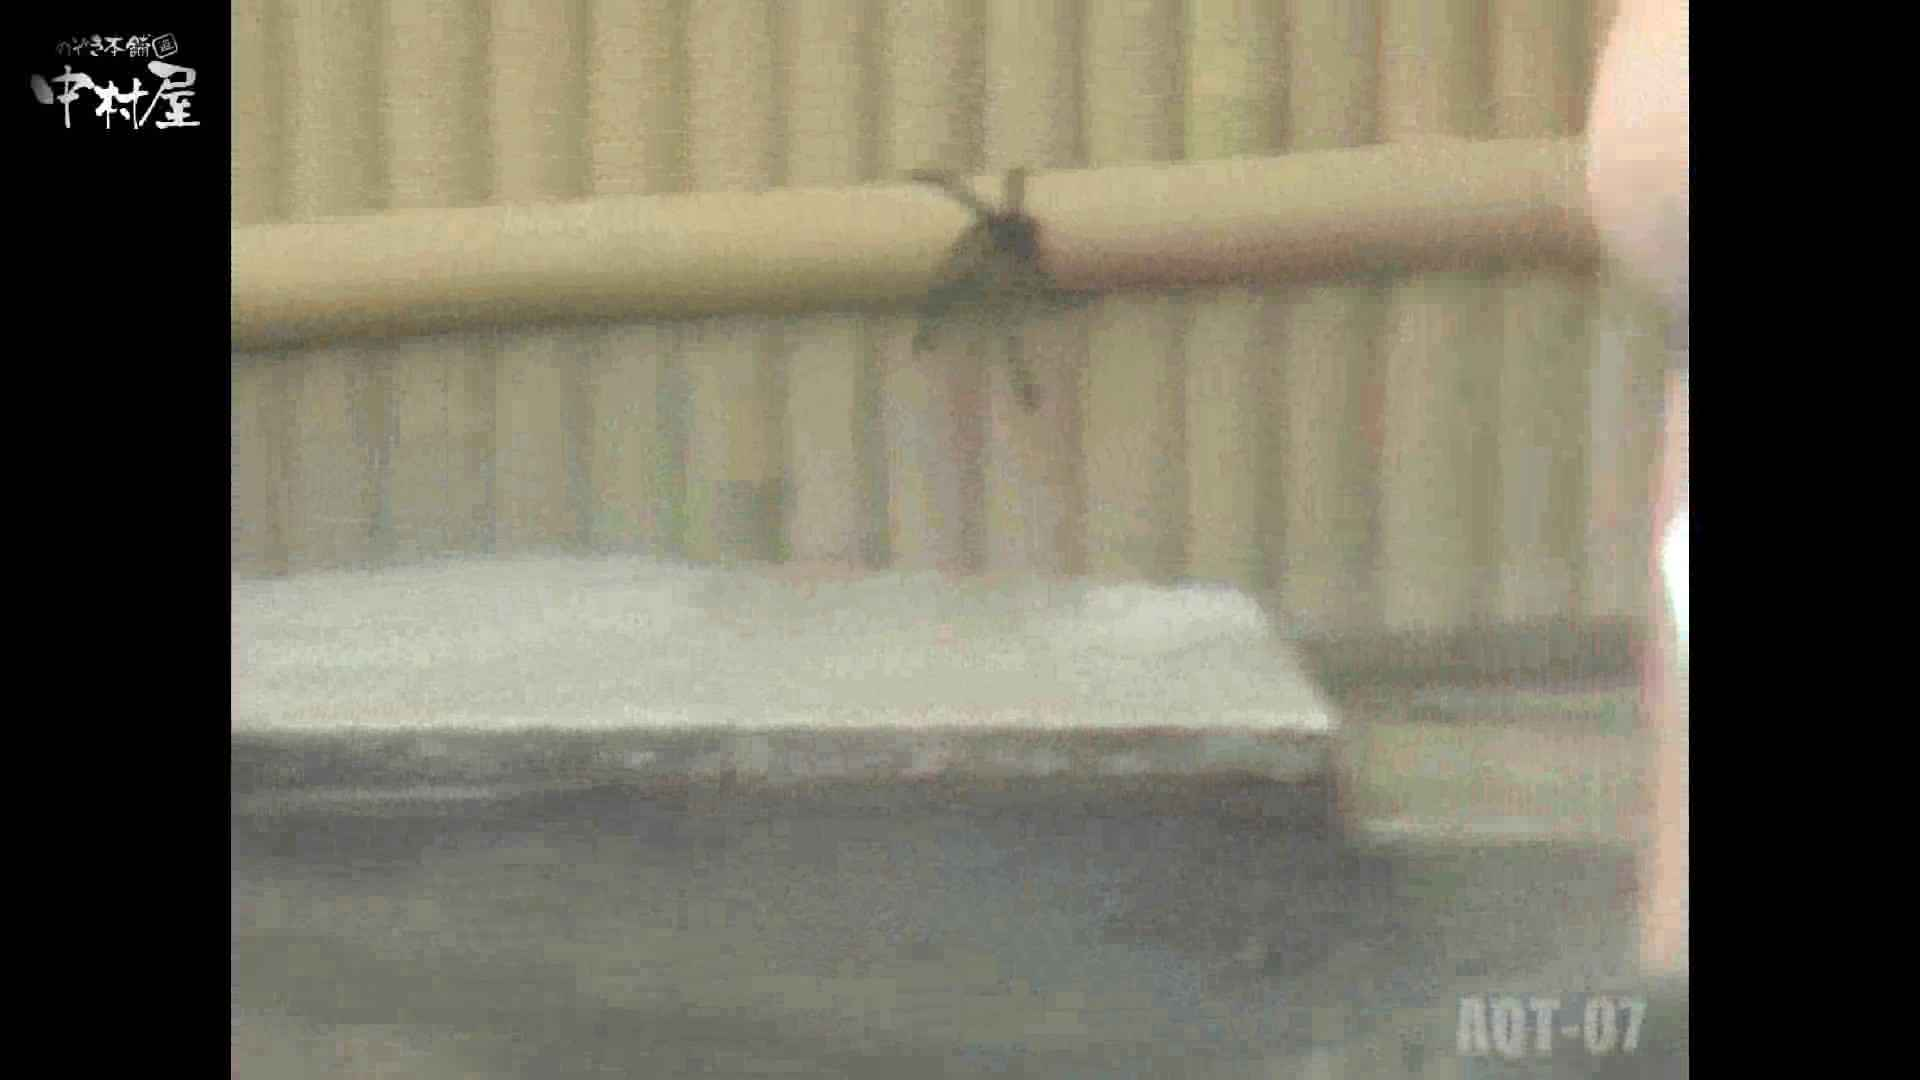 Aquaな露天風呂Vol.871潜入盗撮露天風呂七判湯 其の六 露天風呂編 おめこ無修正画像 105PIX 29